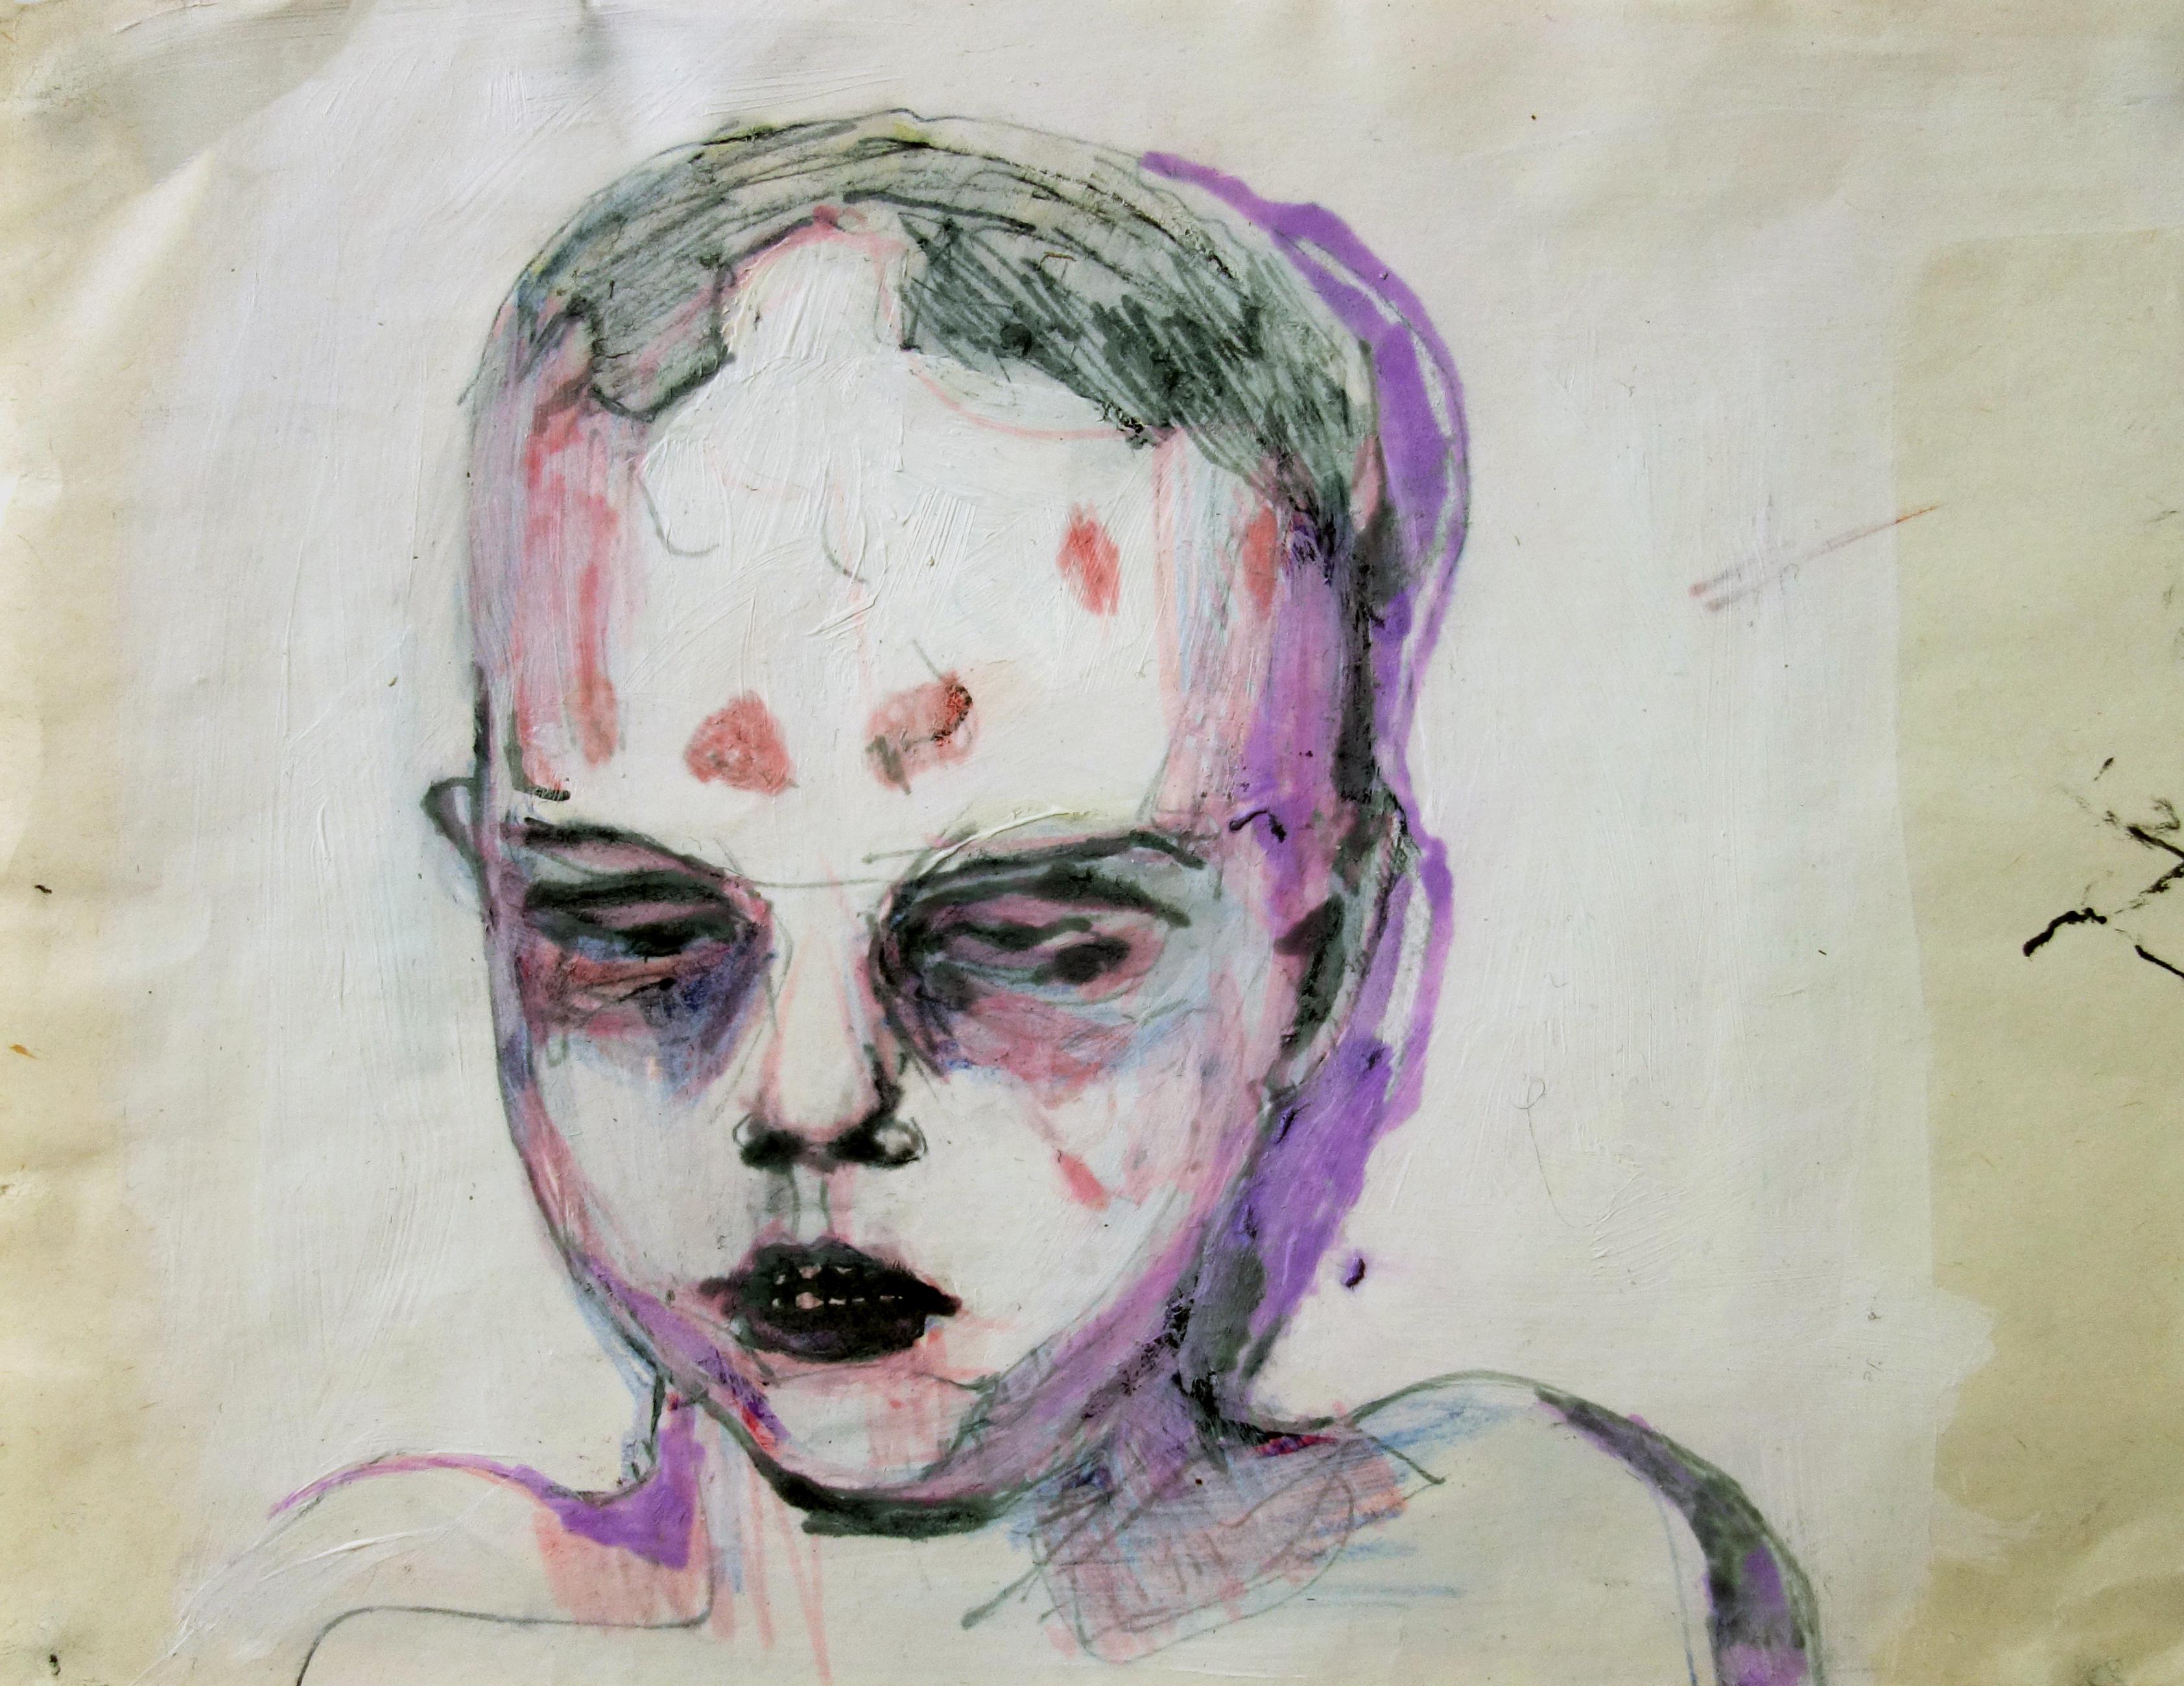 Boy in the Box - head study I - sketch